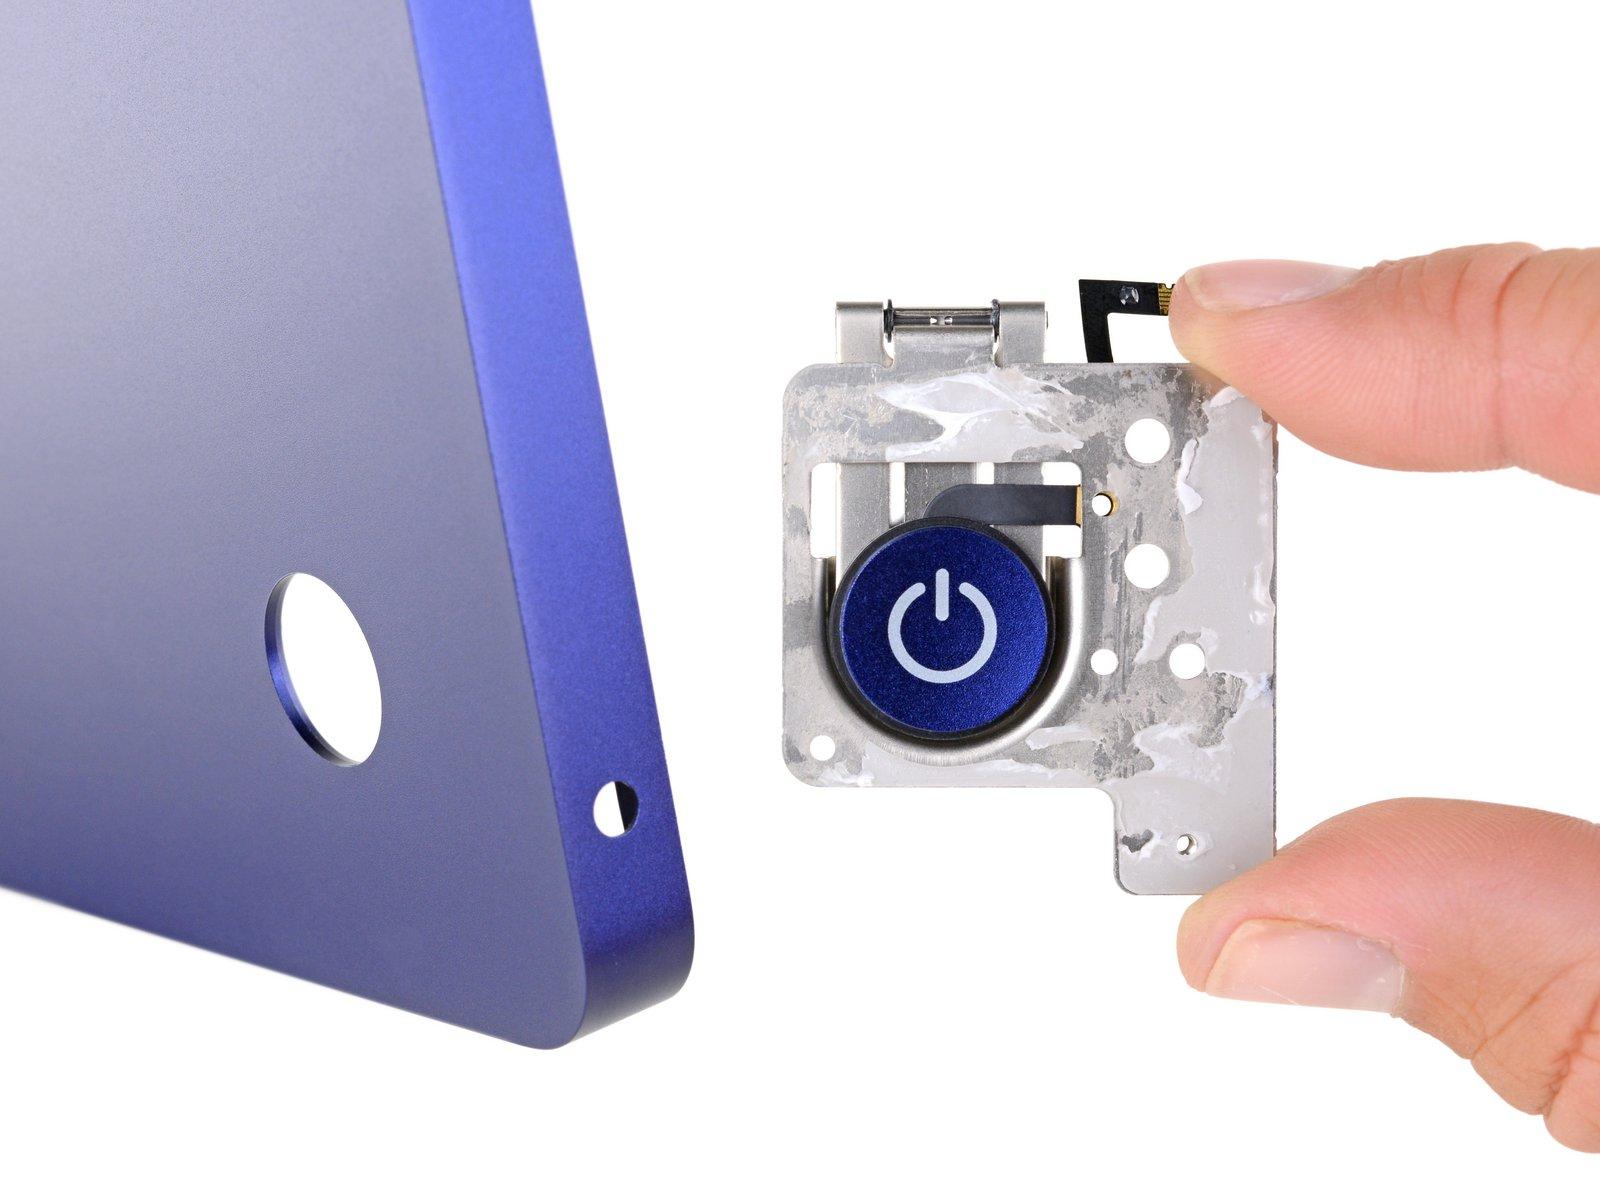 Botón de encendido y apagado en un iMac M1, personalizado para el color de ese iMac